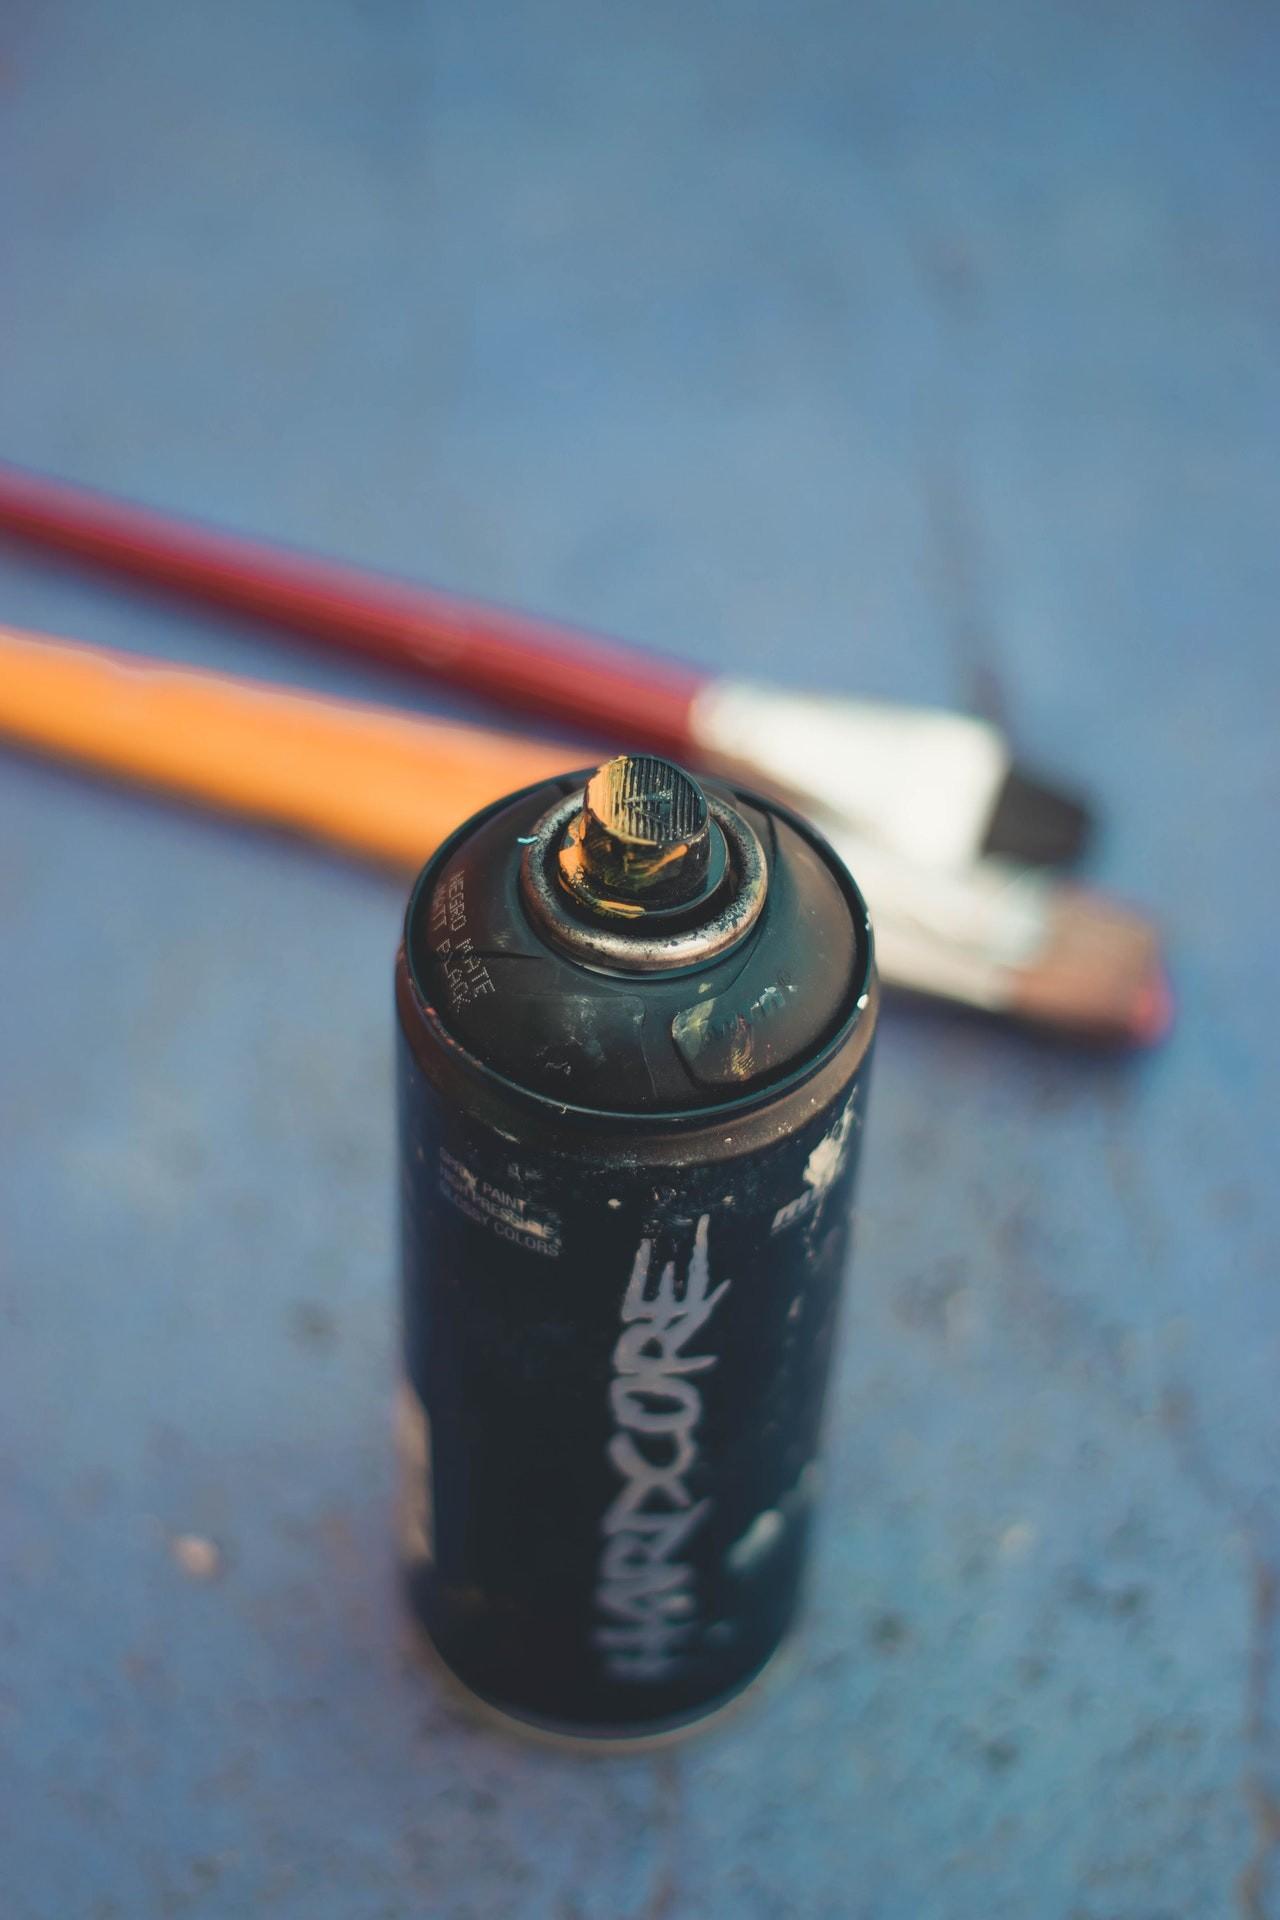 Antistatik Spray befindet sich meistens in üblichen Spraydosen, wie man sie auch aus Farbdosen kennt.